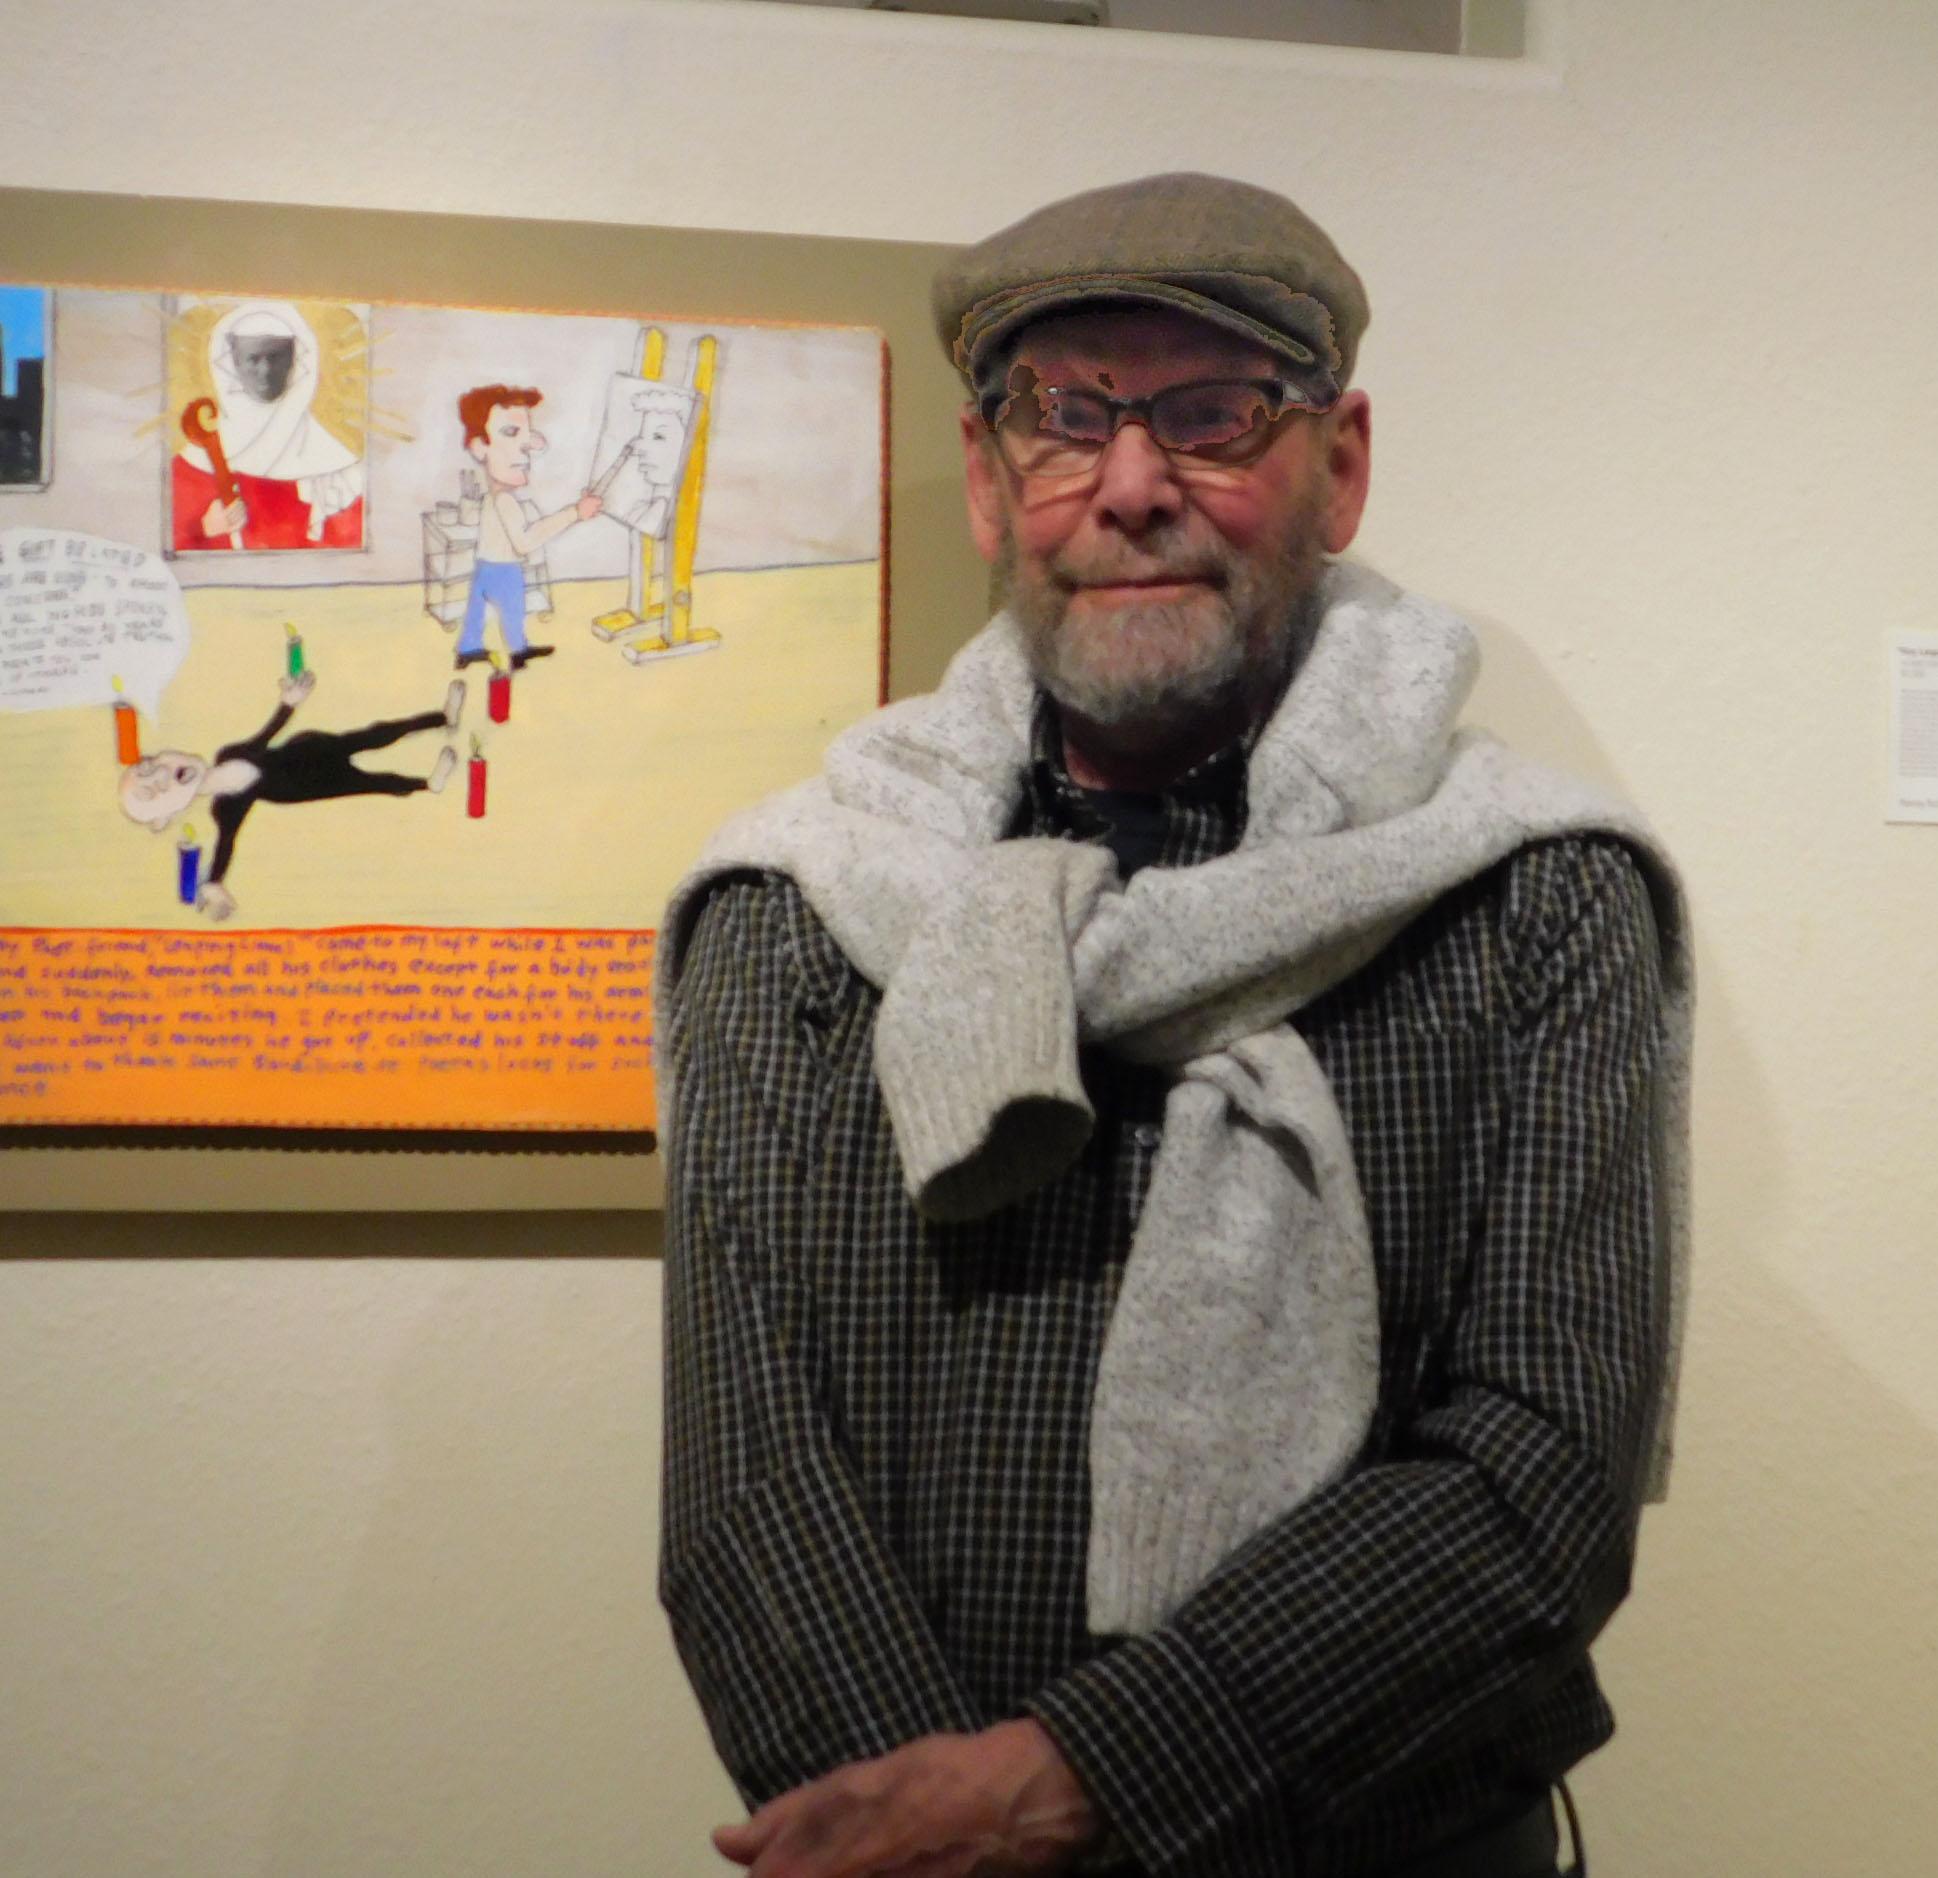 The Artist Kenny Schneider